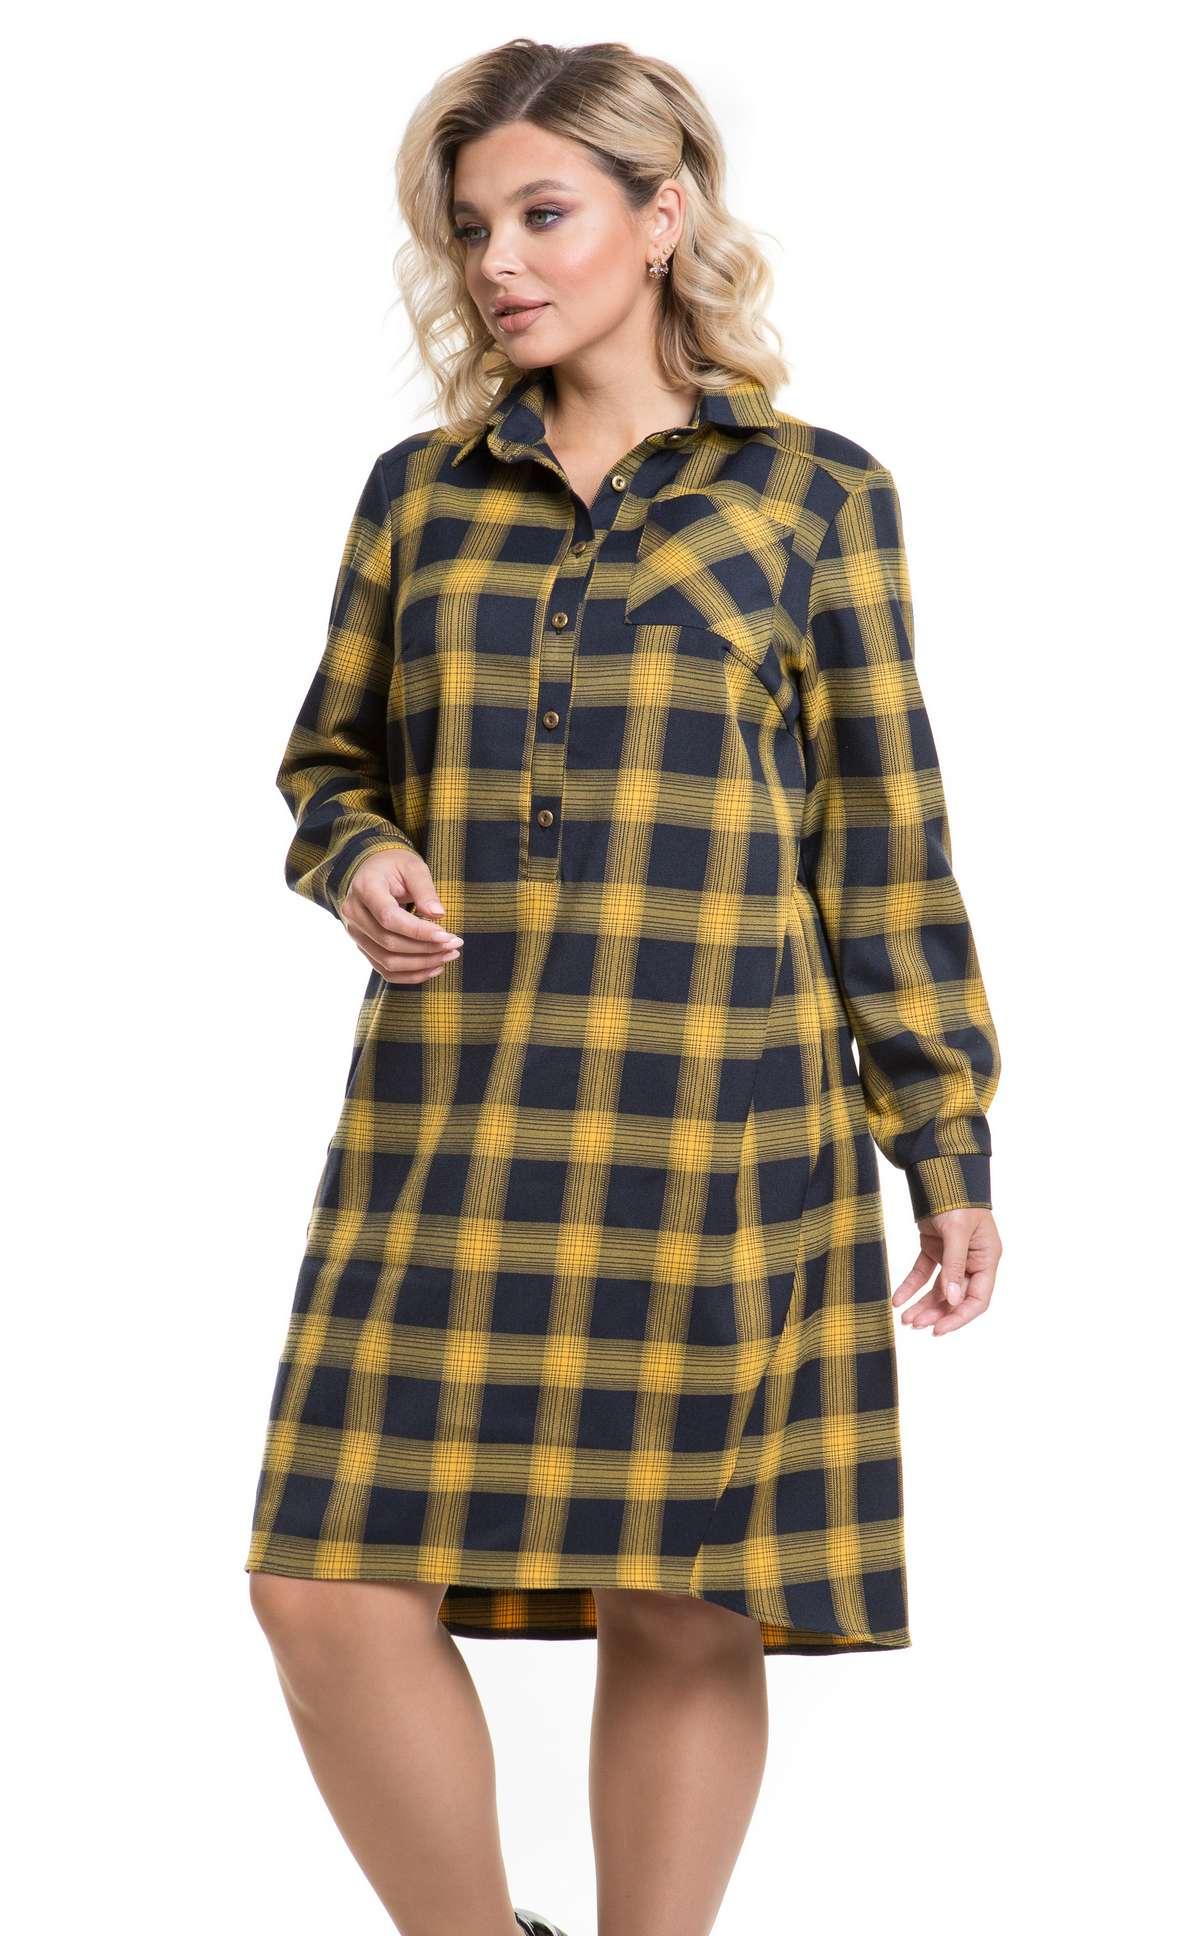 Новинки этой осени: комфортные платья, сарафаны, худи от Новита